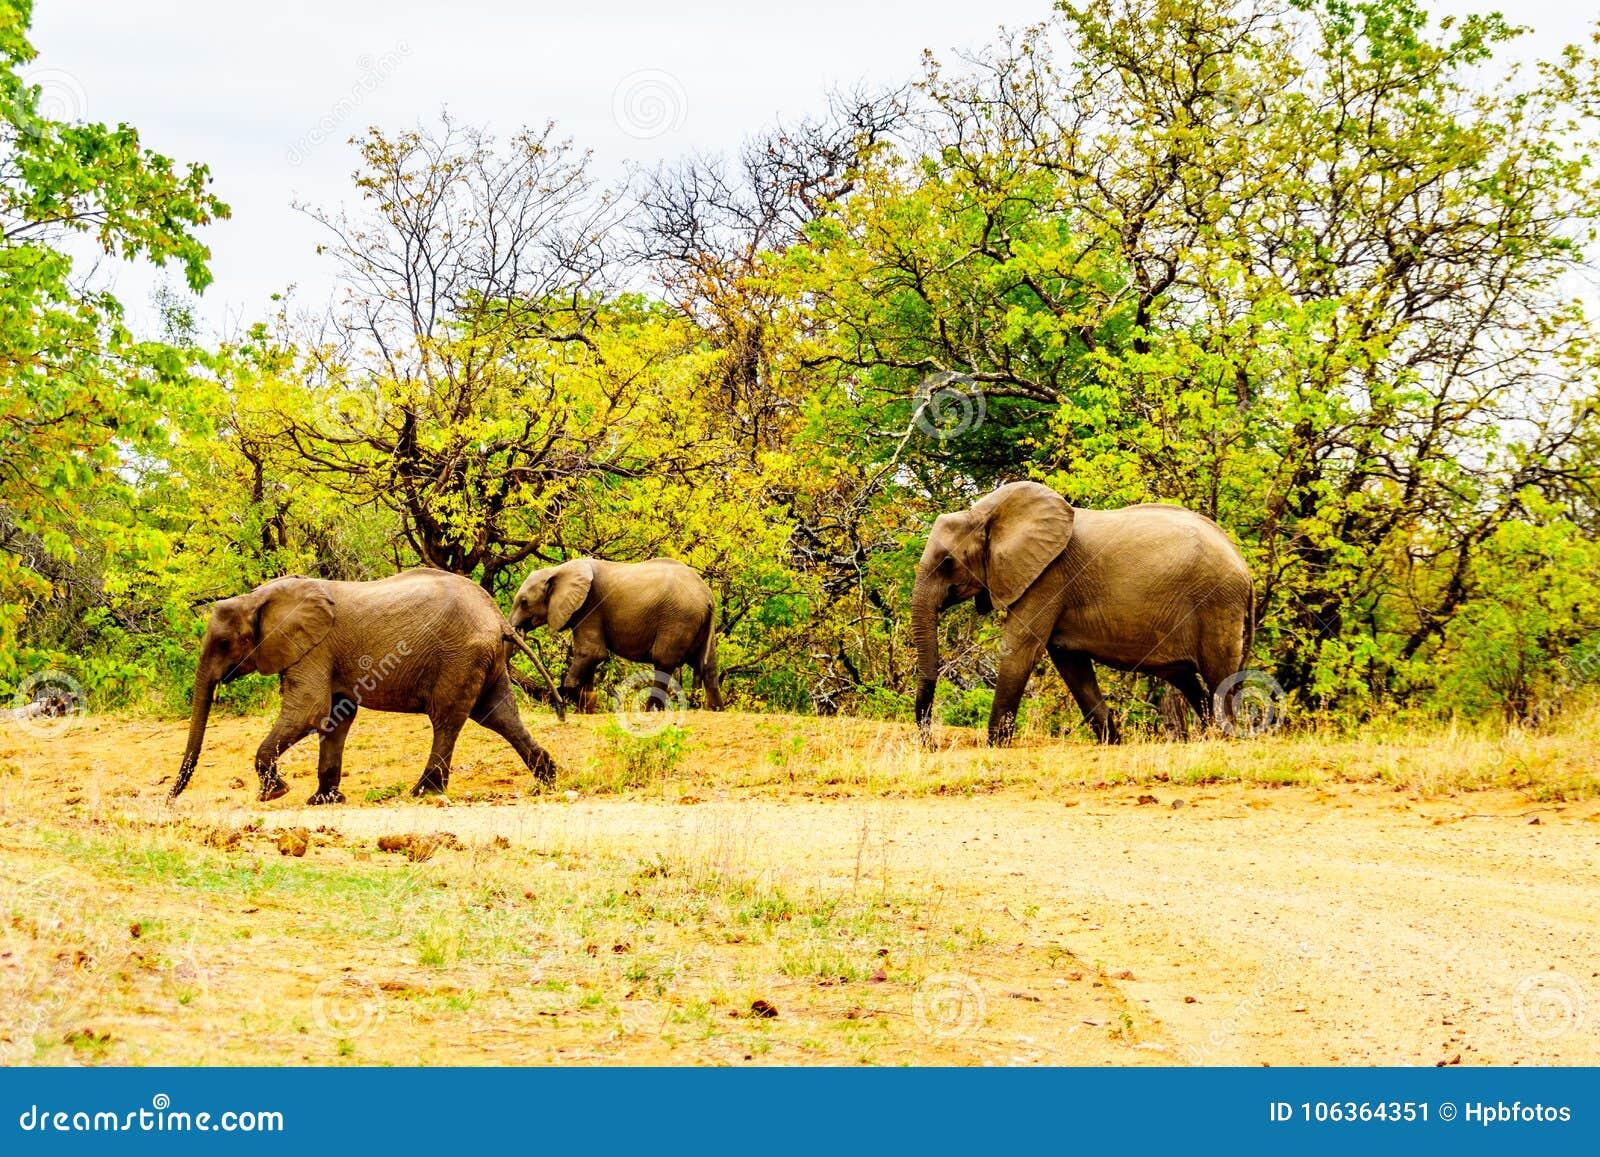 Olifantsfamilie in het bos van het Nationale Park van Kruger in Zuid-Afrika